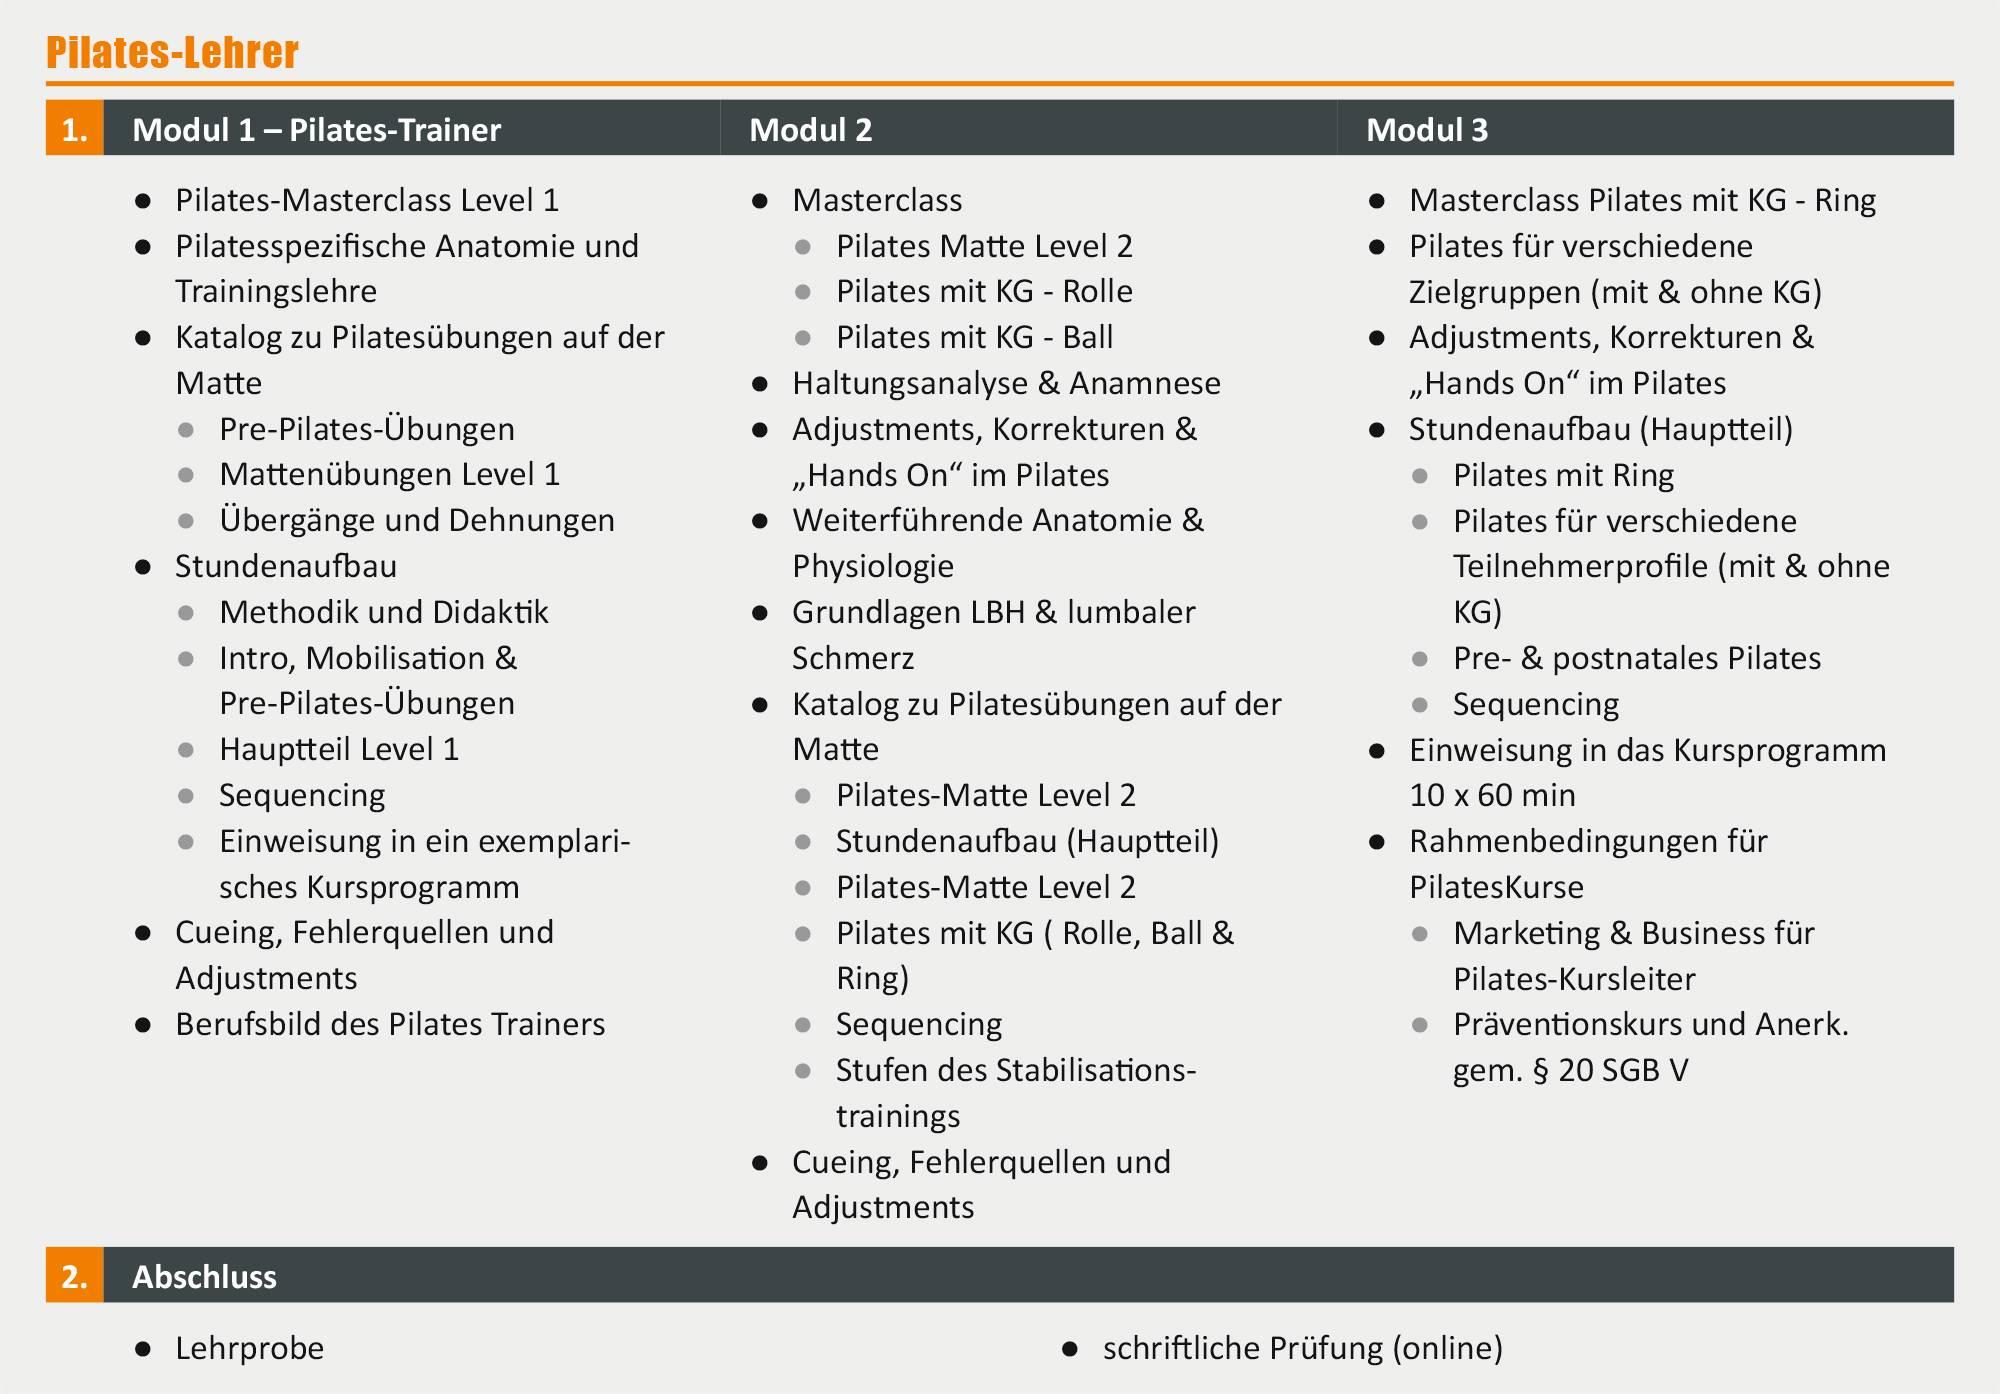 Pilates-Lehrer - Ausbildung in Berlin | deutschlandweit studieren